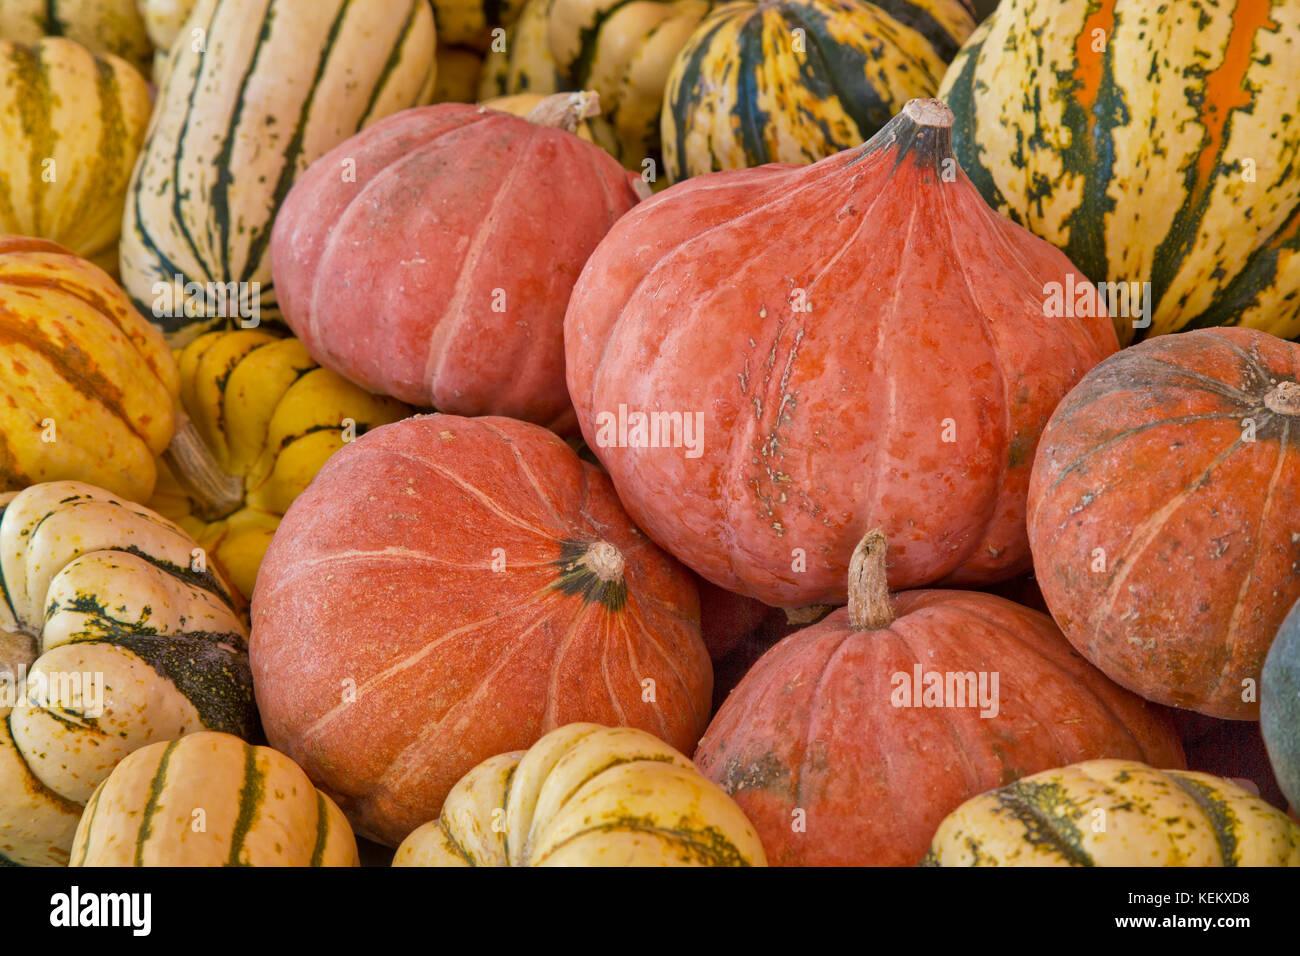 Fresche raccolte Winter squash , Pepita d'Oro Delicata, gnocco Dolce & Carnevale. Immagini Stock